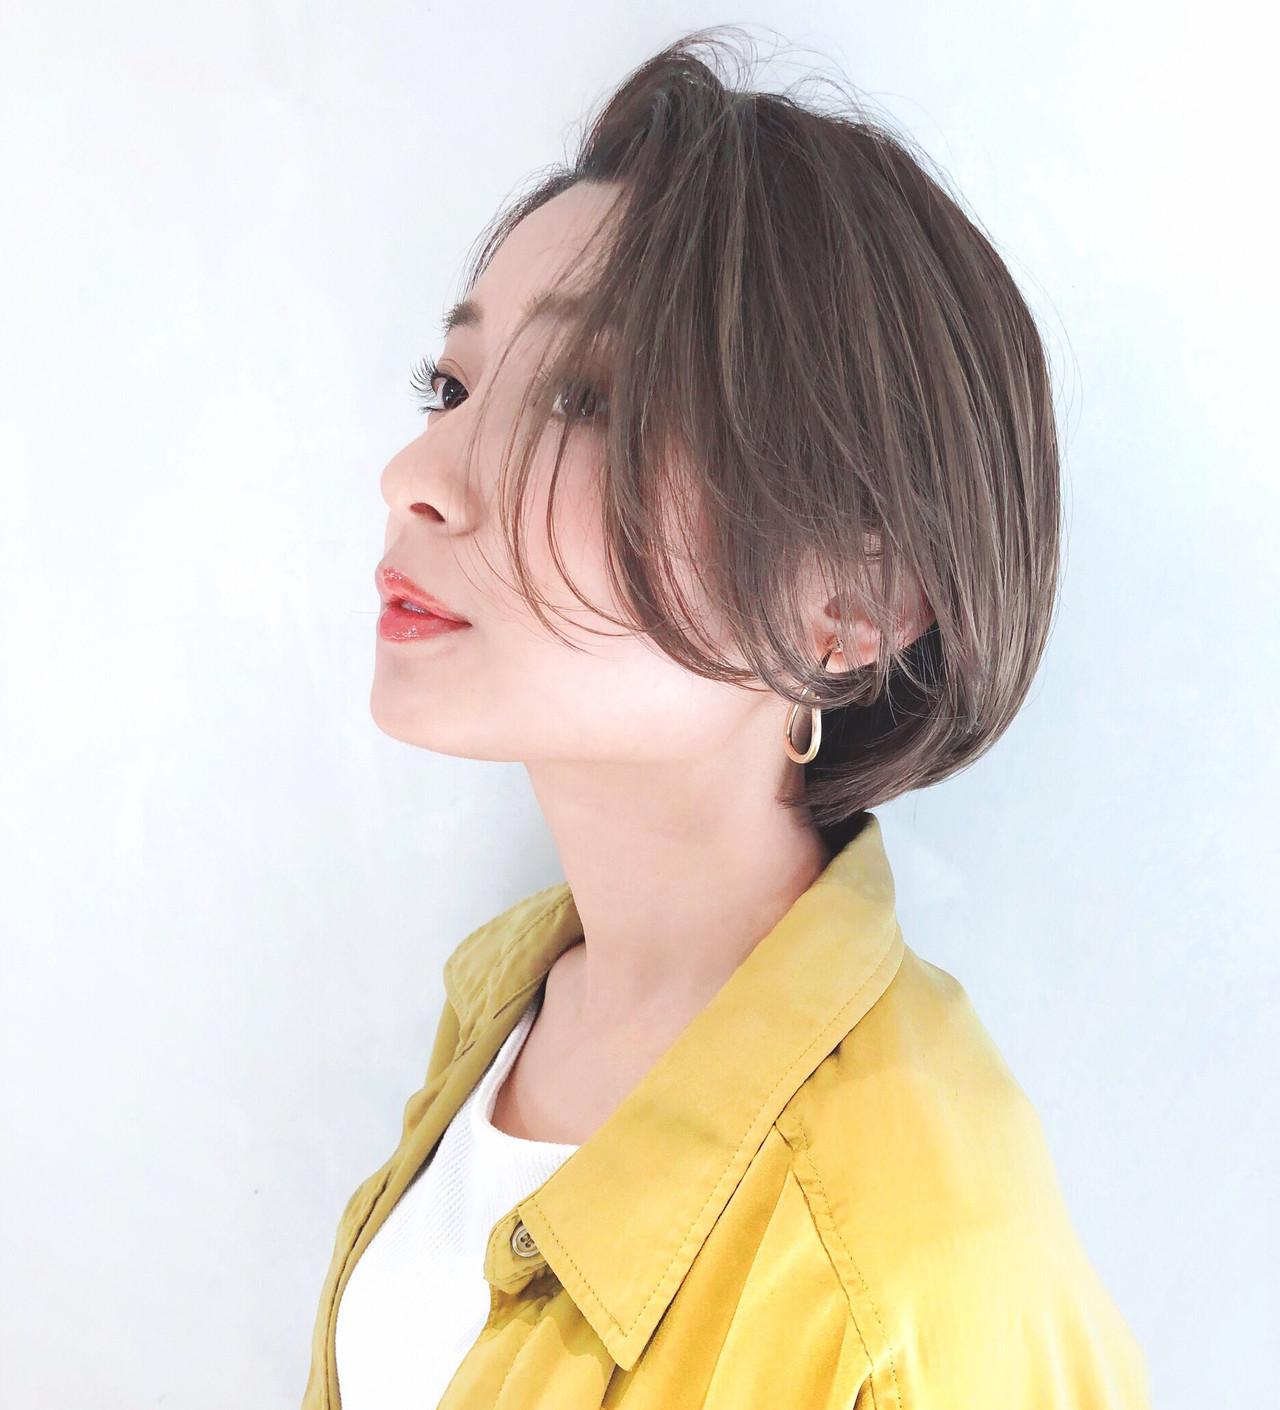 トップふんわり♡大人女性の可愛いかき上げボブ 豊田楓